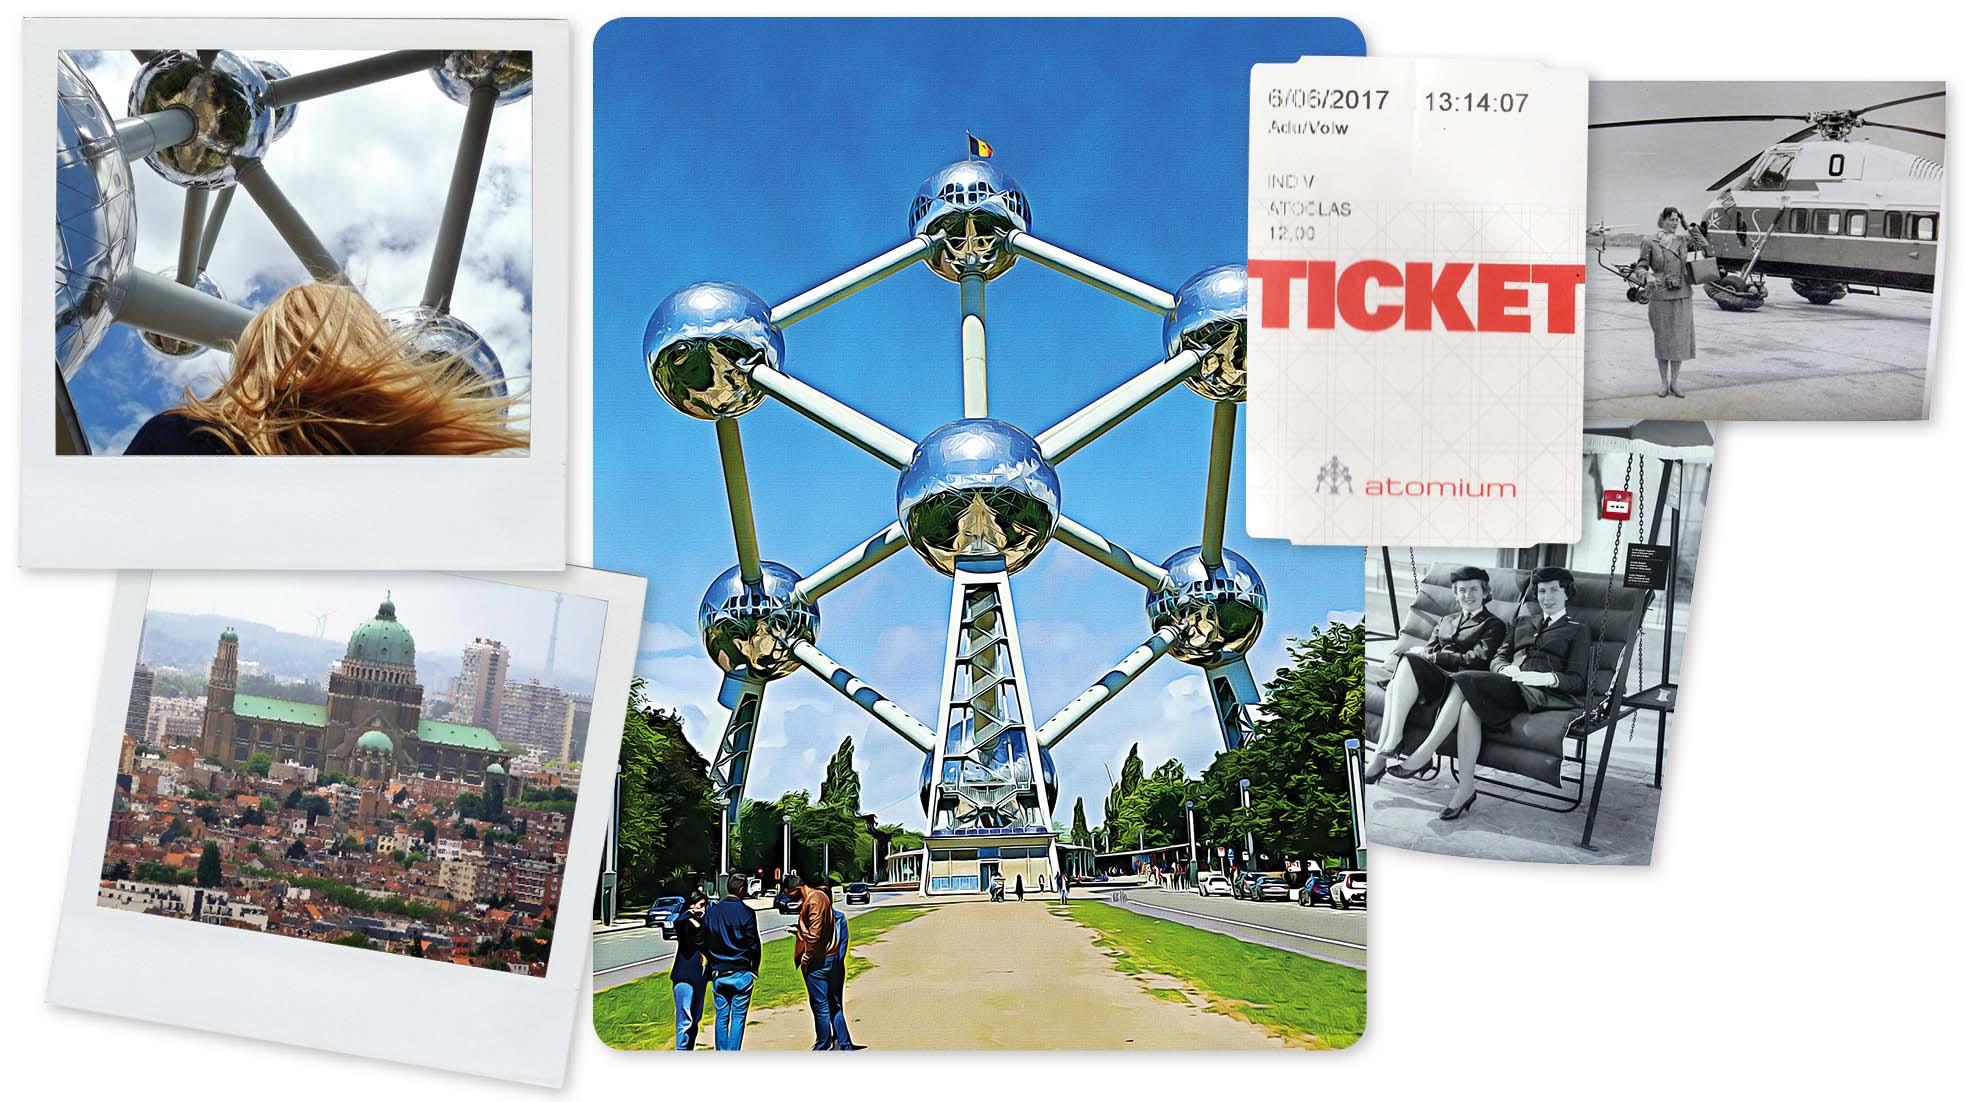 Bruxelles, europe, Belgique, Atomium, boules, musée, ticket, ville, attraction